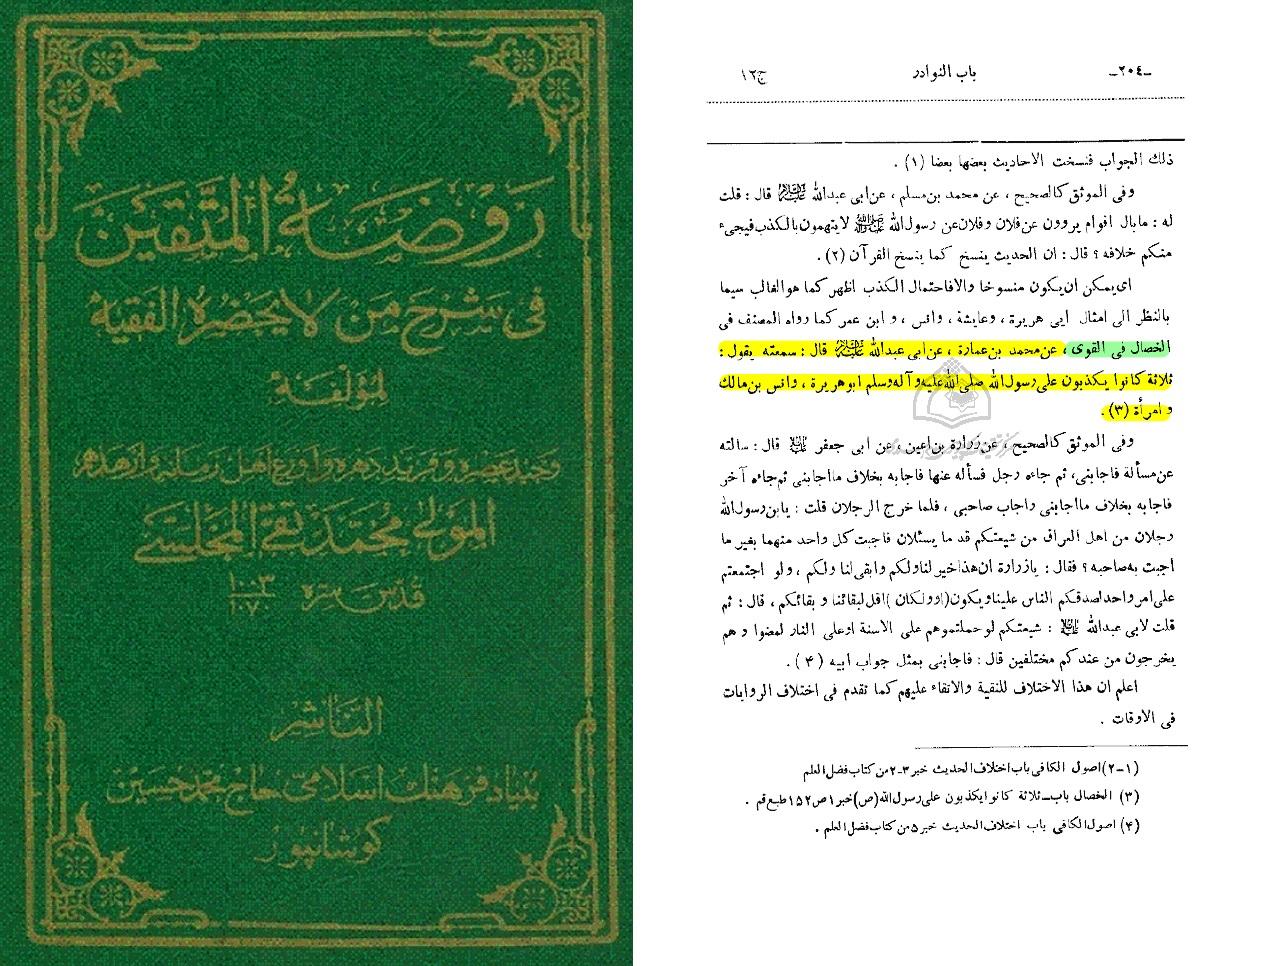 sharh-ul-faqih-band-12-seite-204